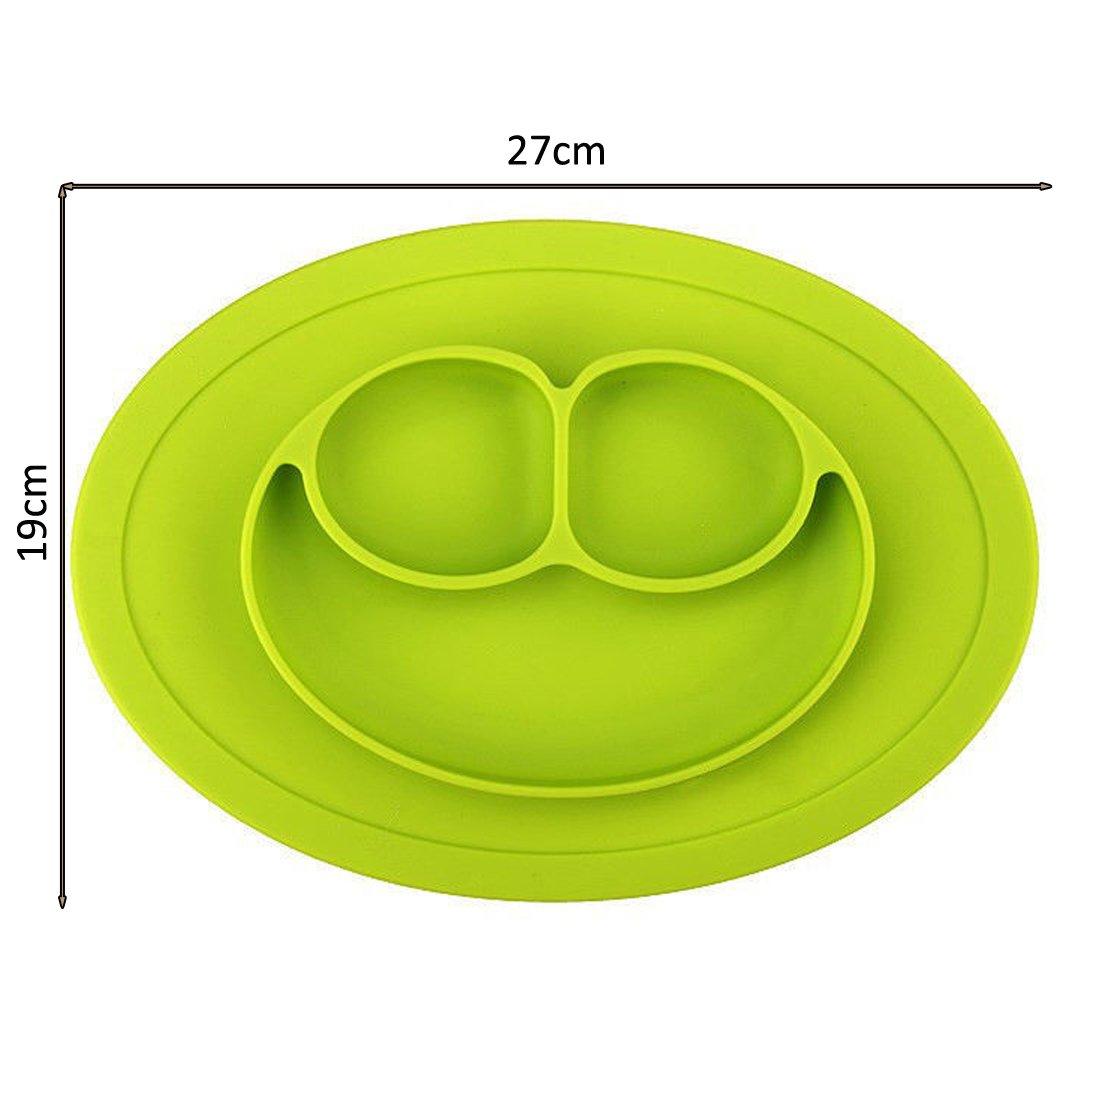 Kids Placemate piastra ventosa antiscivolo Portable divisa sezione Smile Toddler Baby alimentazione piatto vassoio ciotola jjonlinestore